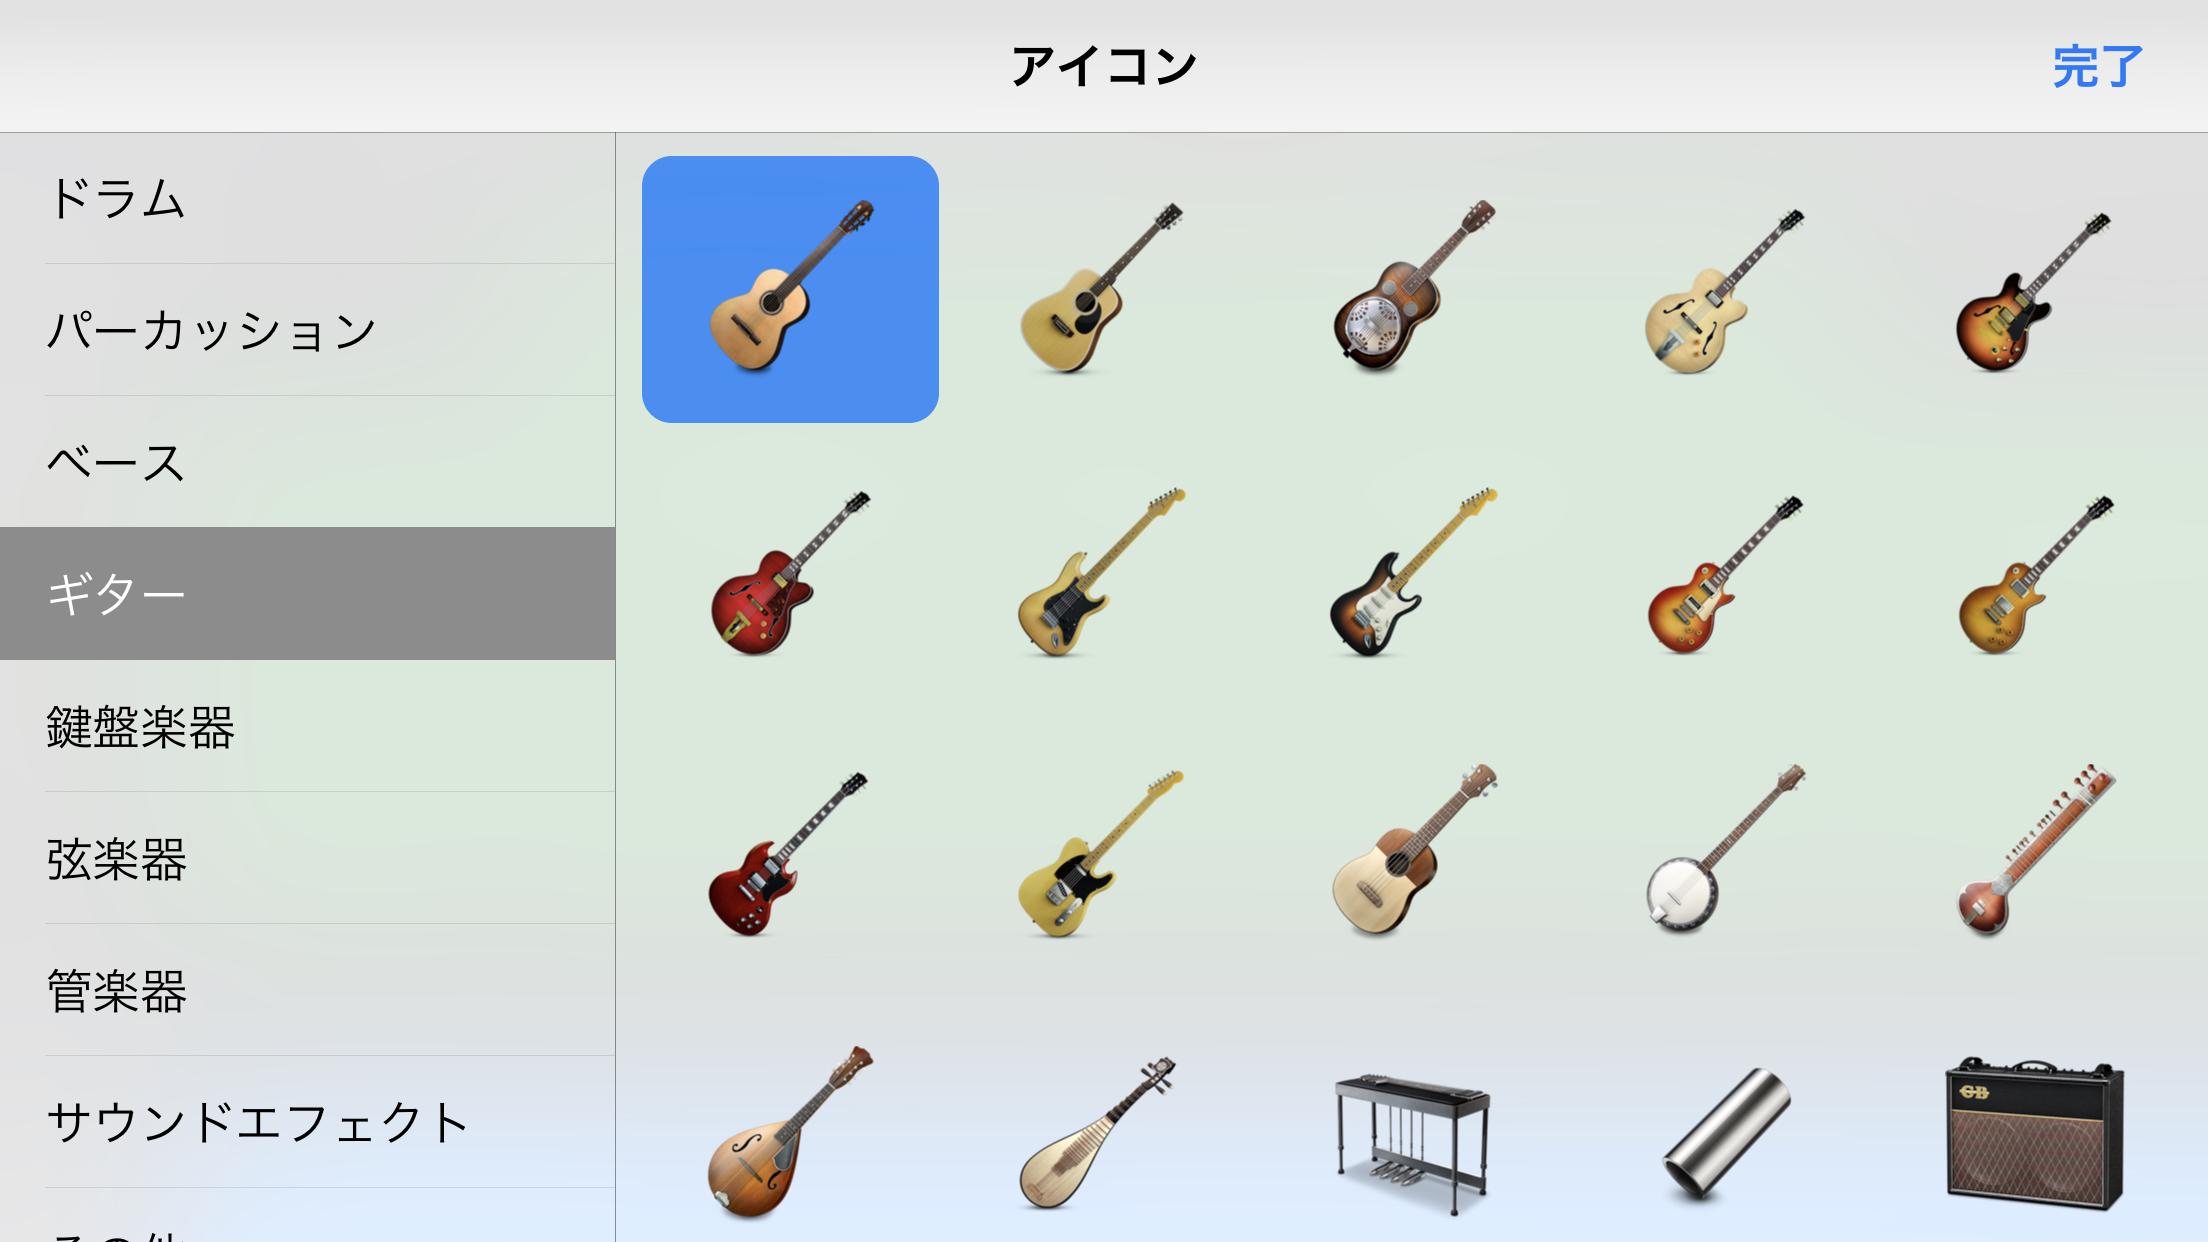 ギターアイコン